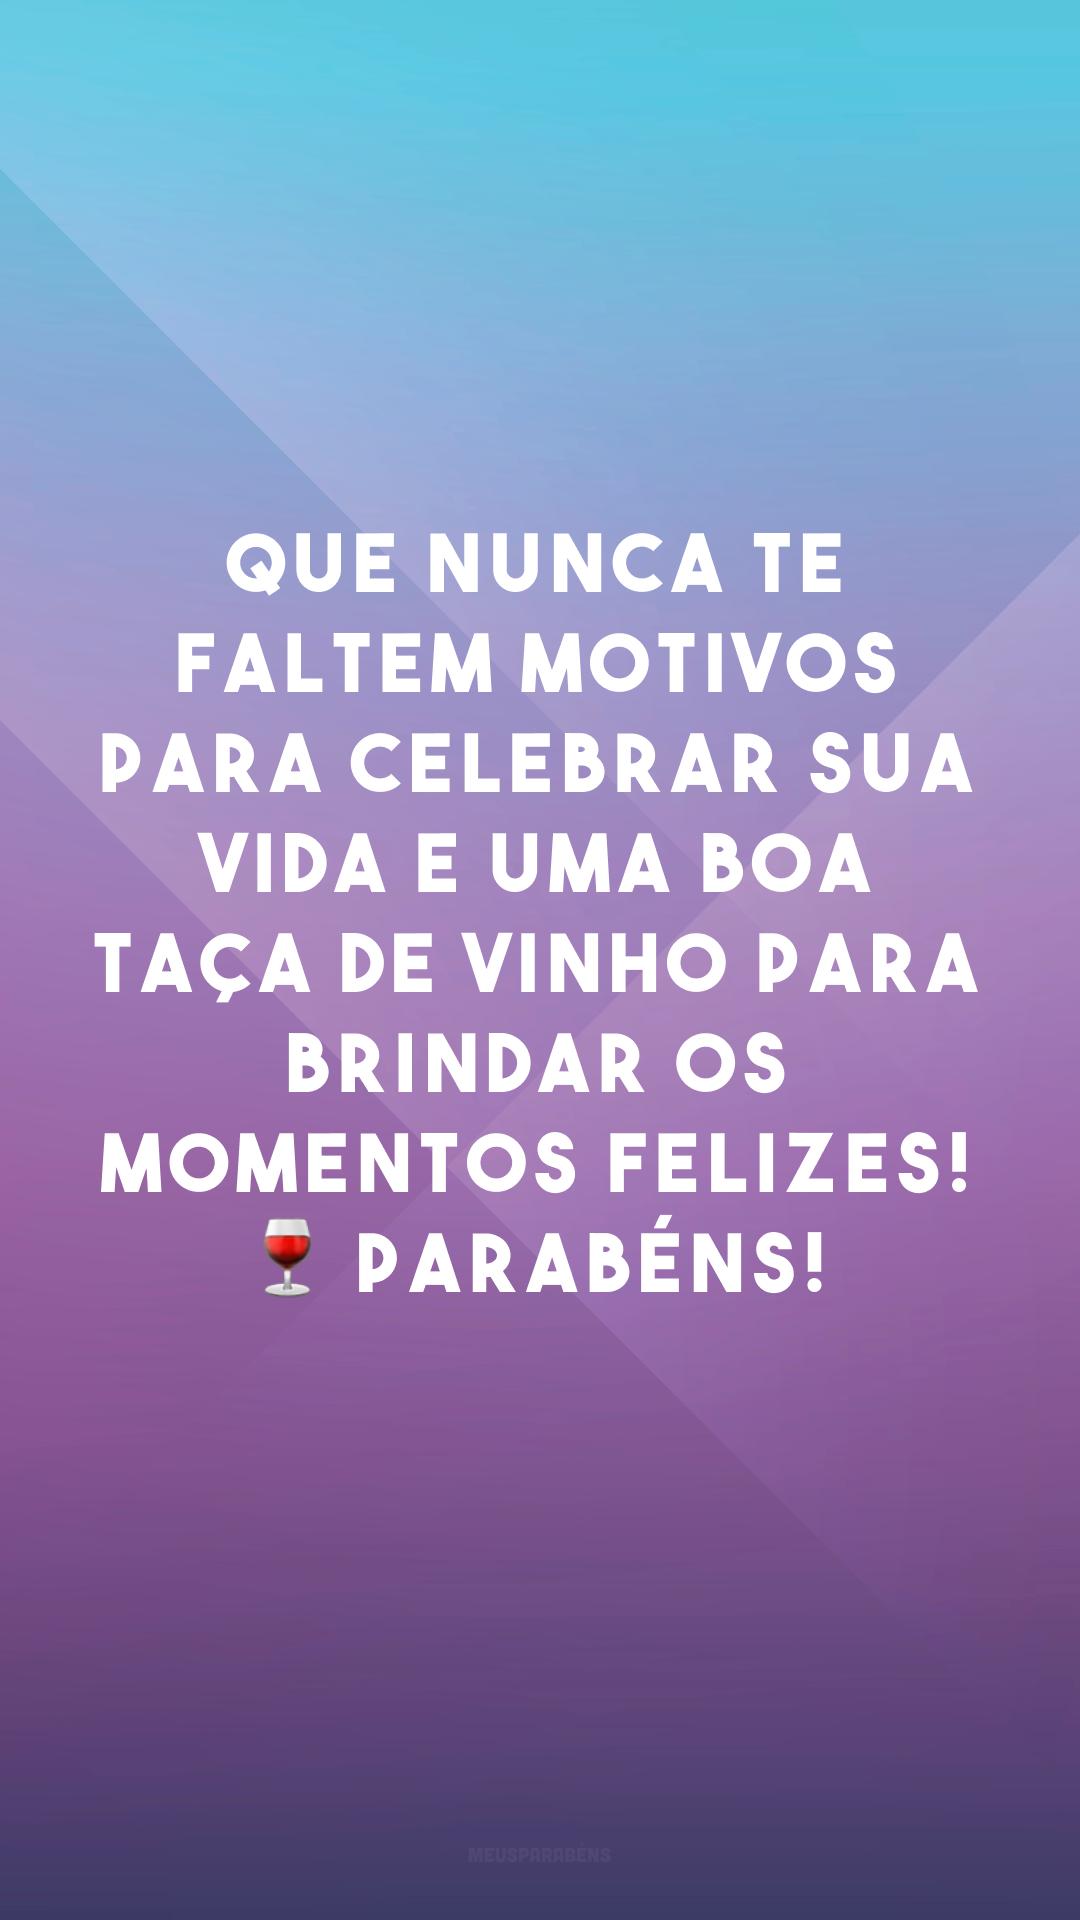 Que nunca te faltem motivos para celebrar sua vida e uma boa taça de vinho para brindar os momentos felizes! ? Parabéns!